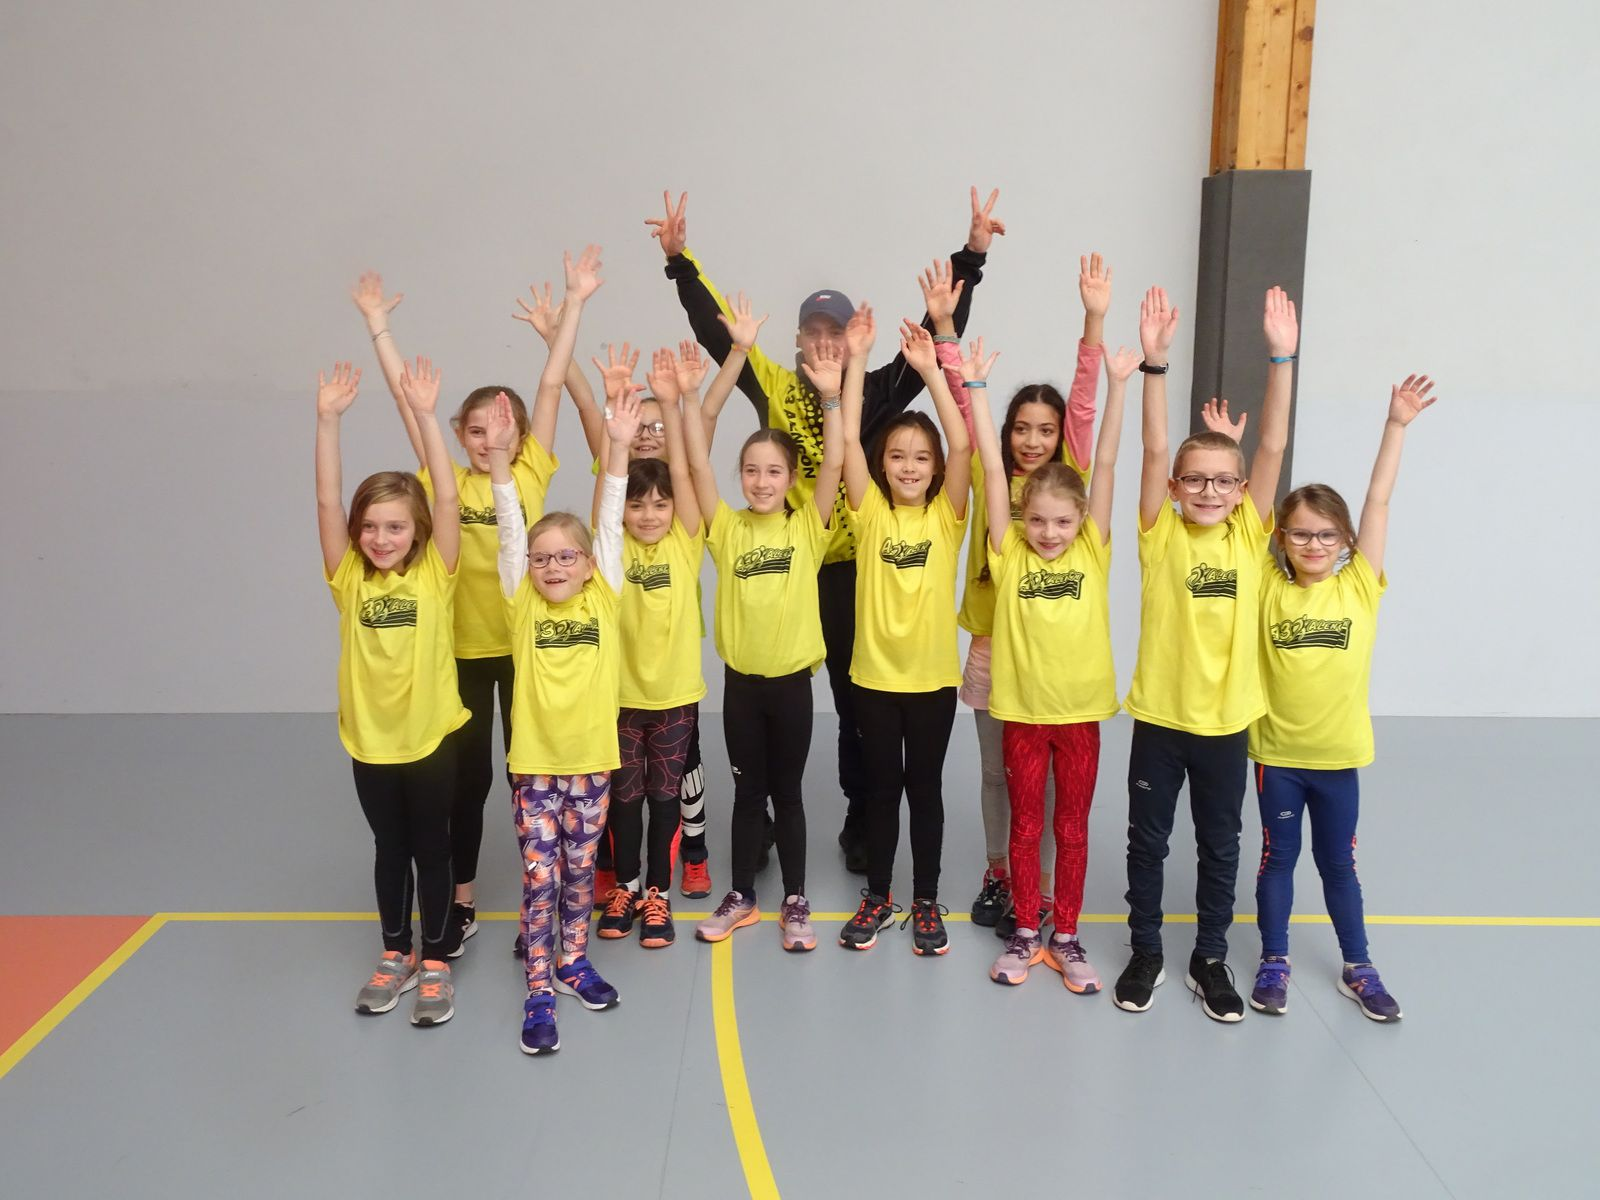 Kid Athlé de Mortagne ! Les jaune en force !!